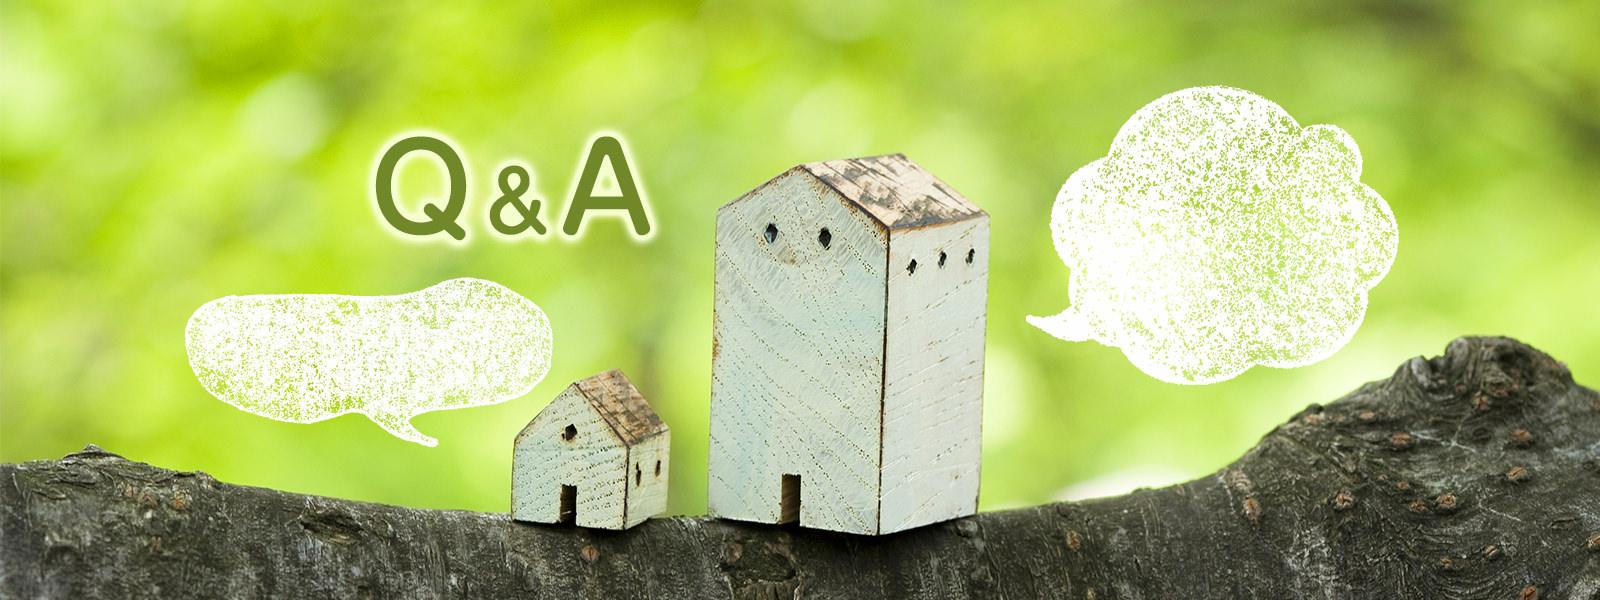 よくあるご質問やQ&A 葛飾の便利屋